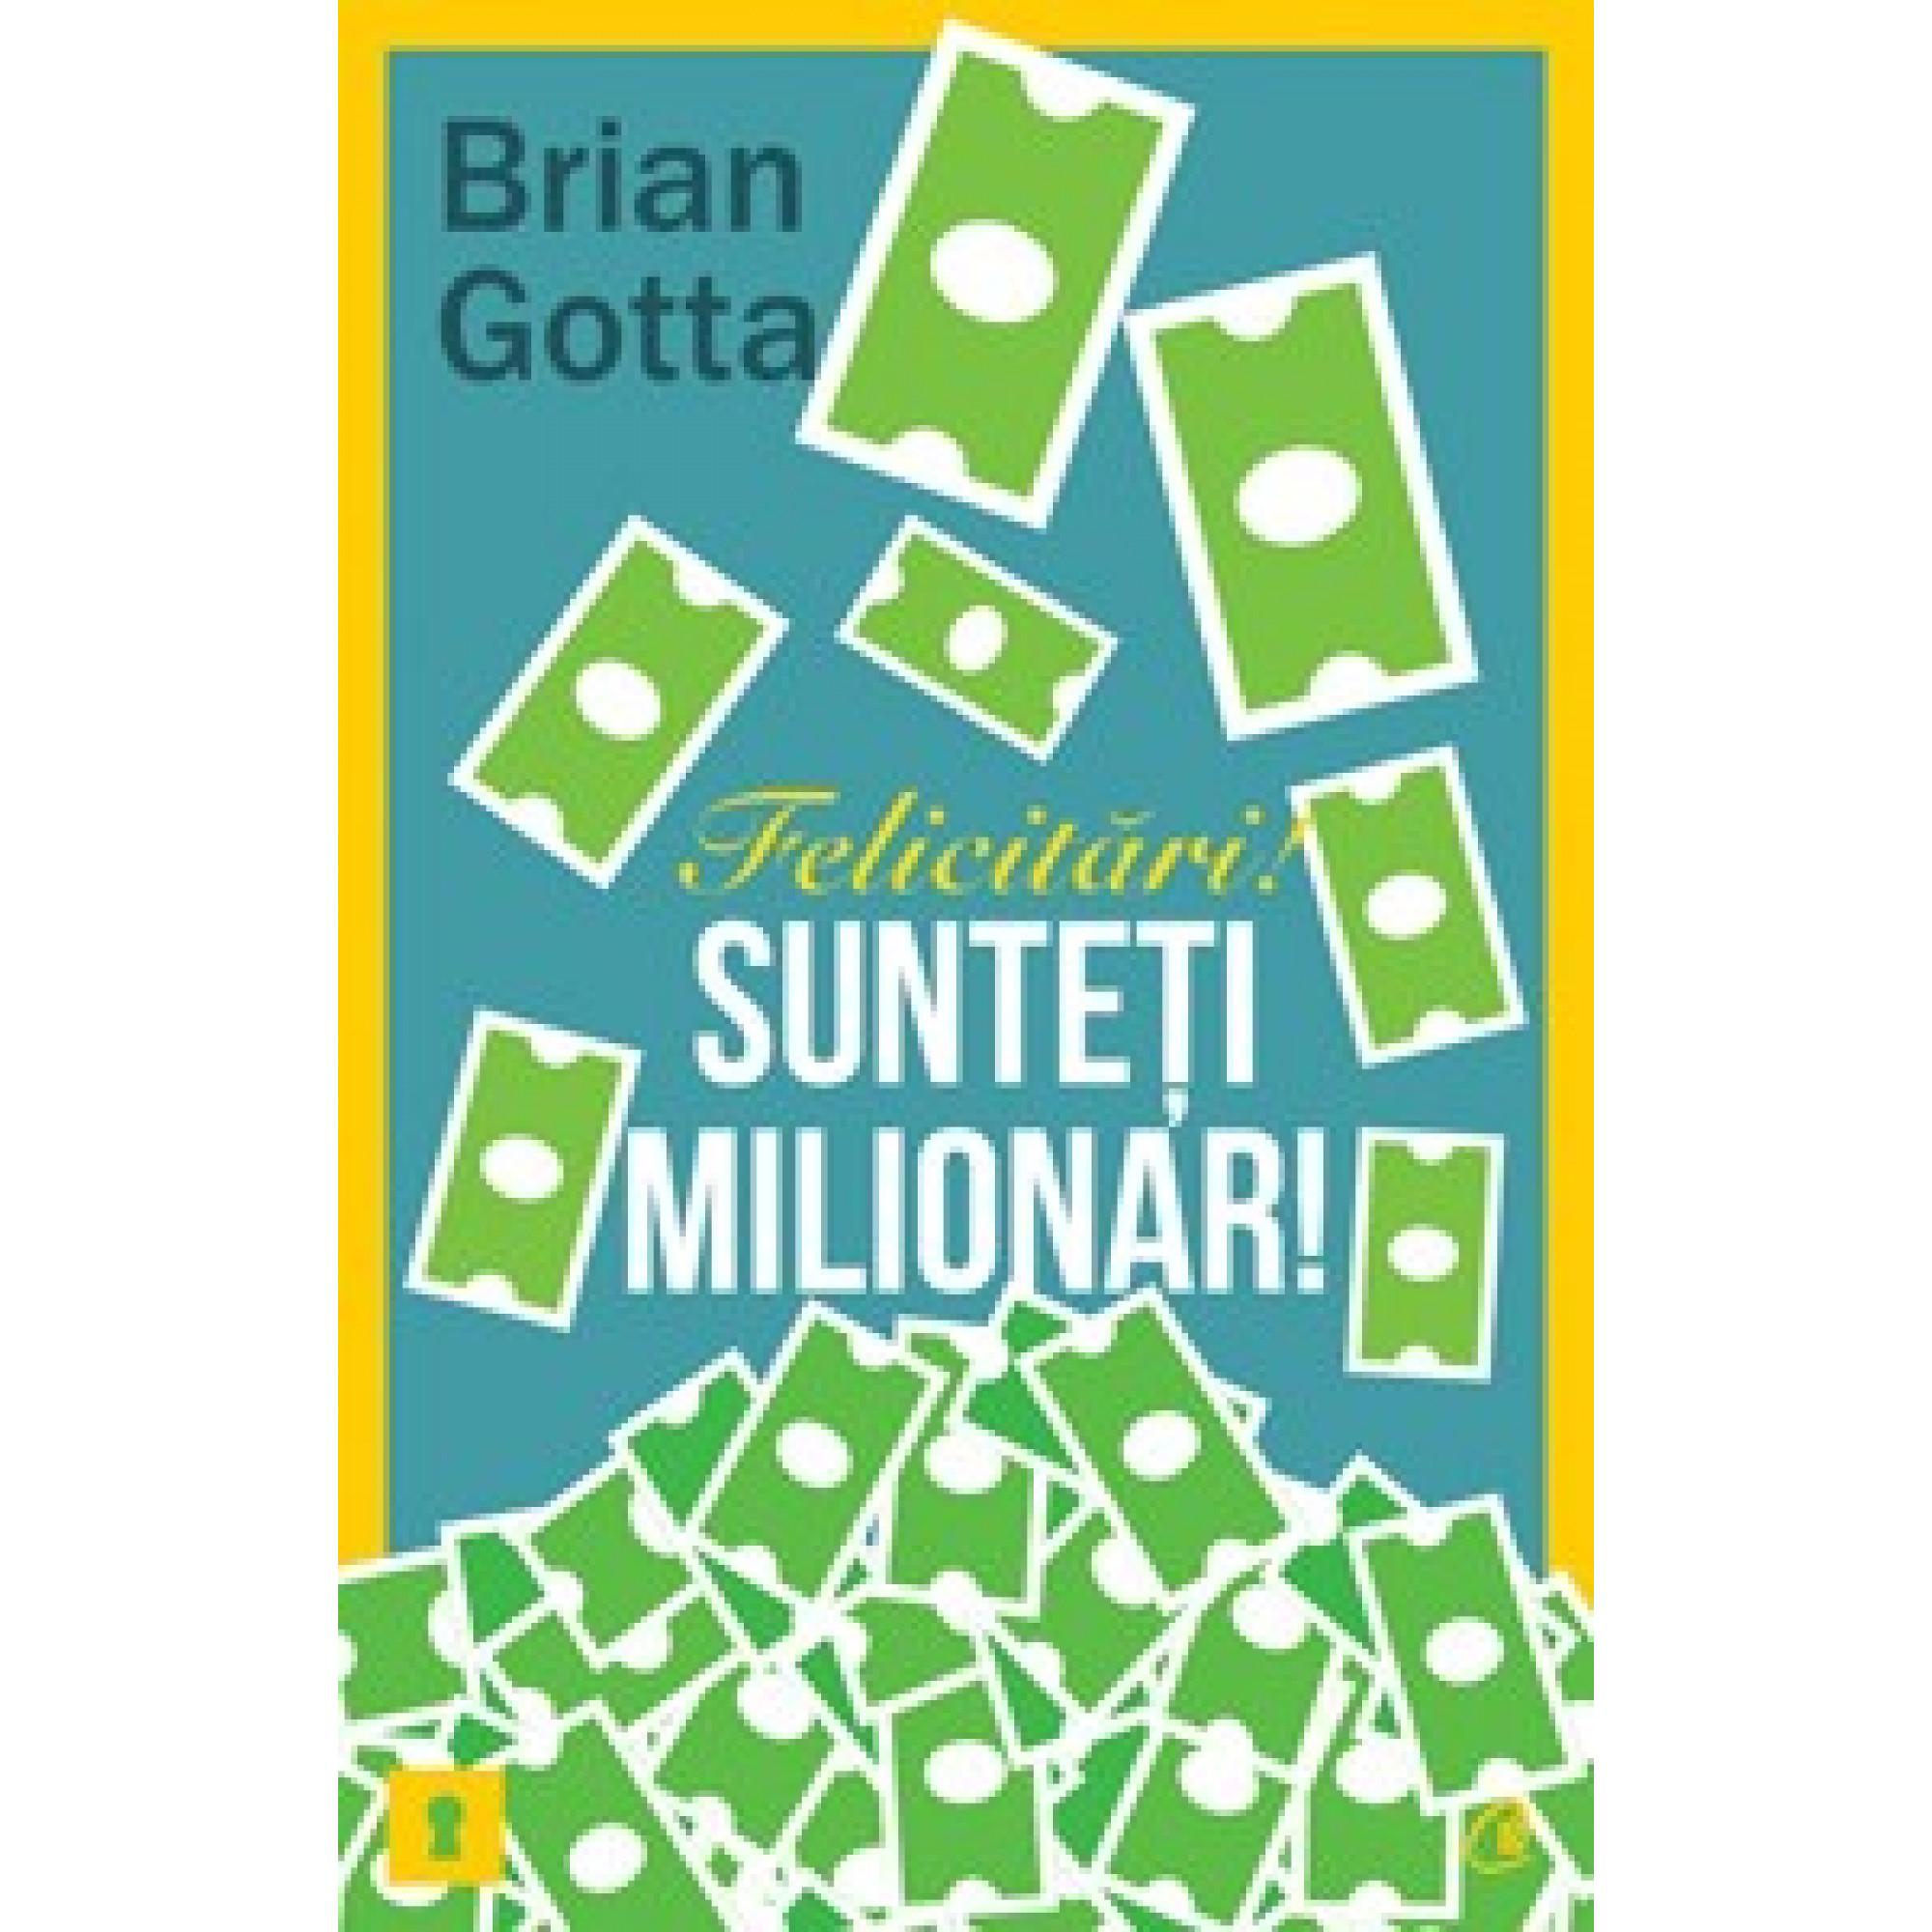 Felicitări! Sunteţi milionar! Secretele cu ajutorul cărora veţi face avere în domeniul vânzărilor; Brian Gotta